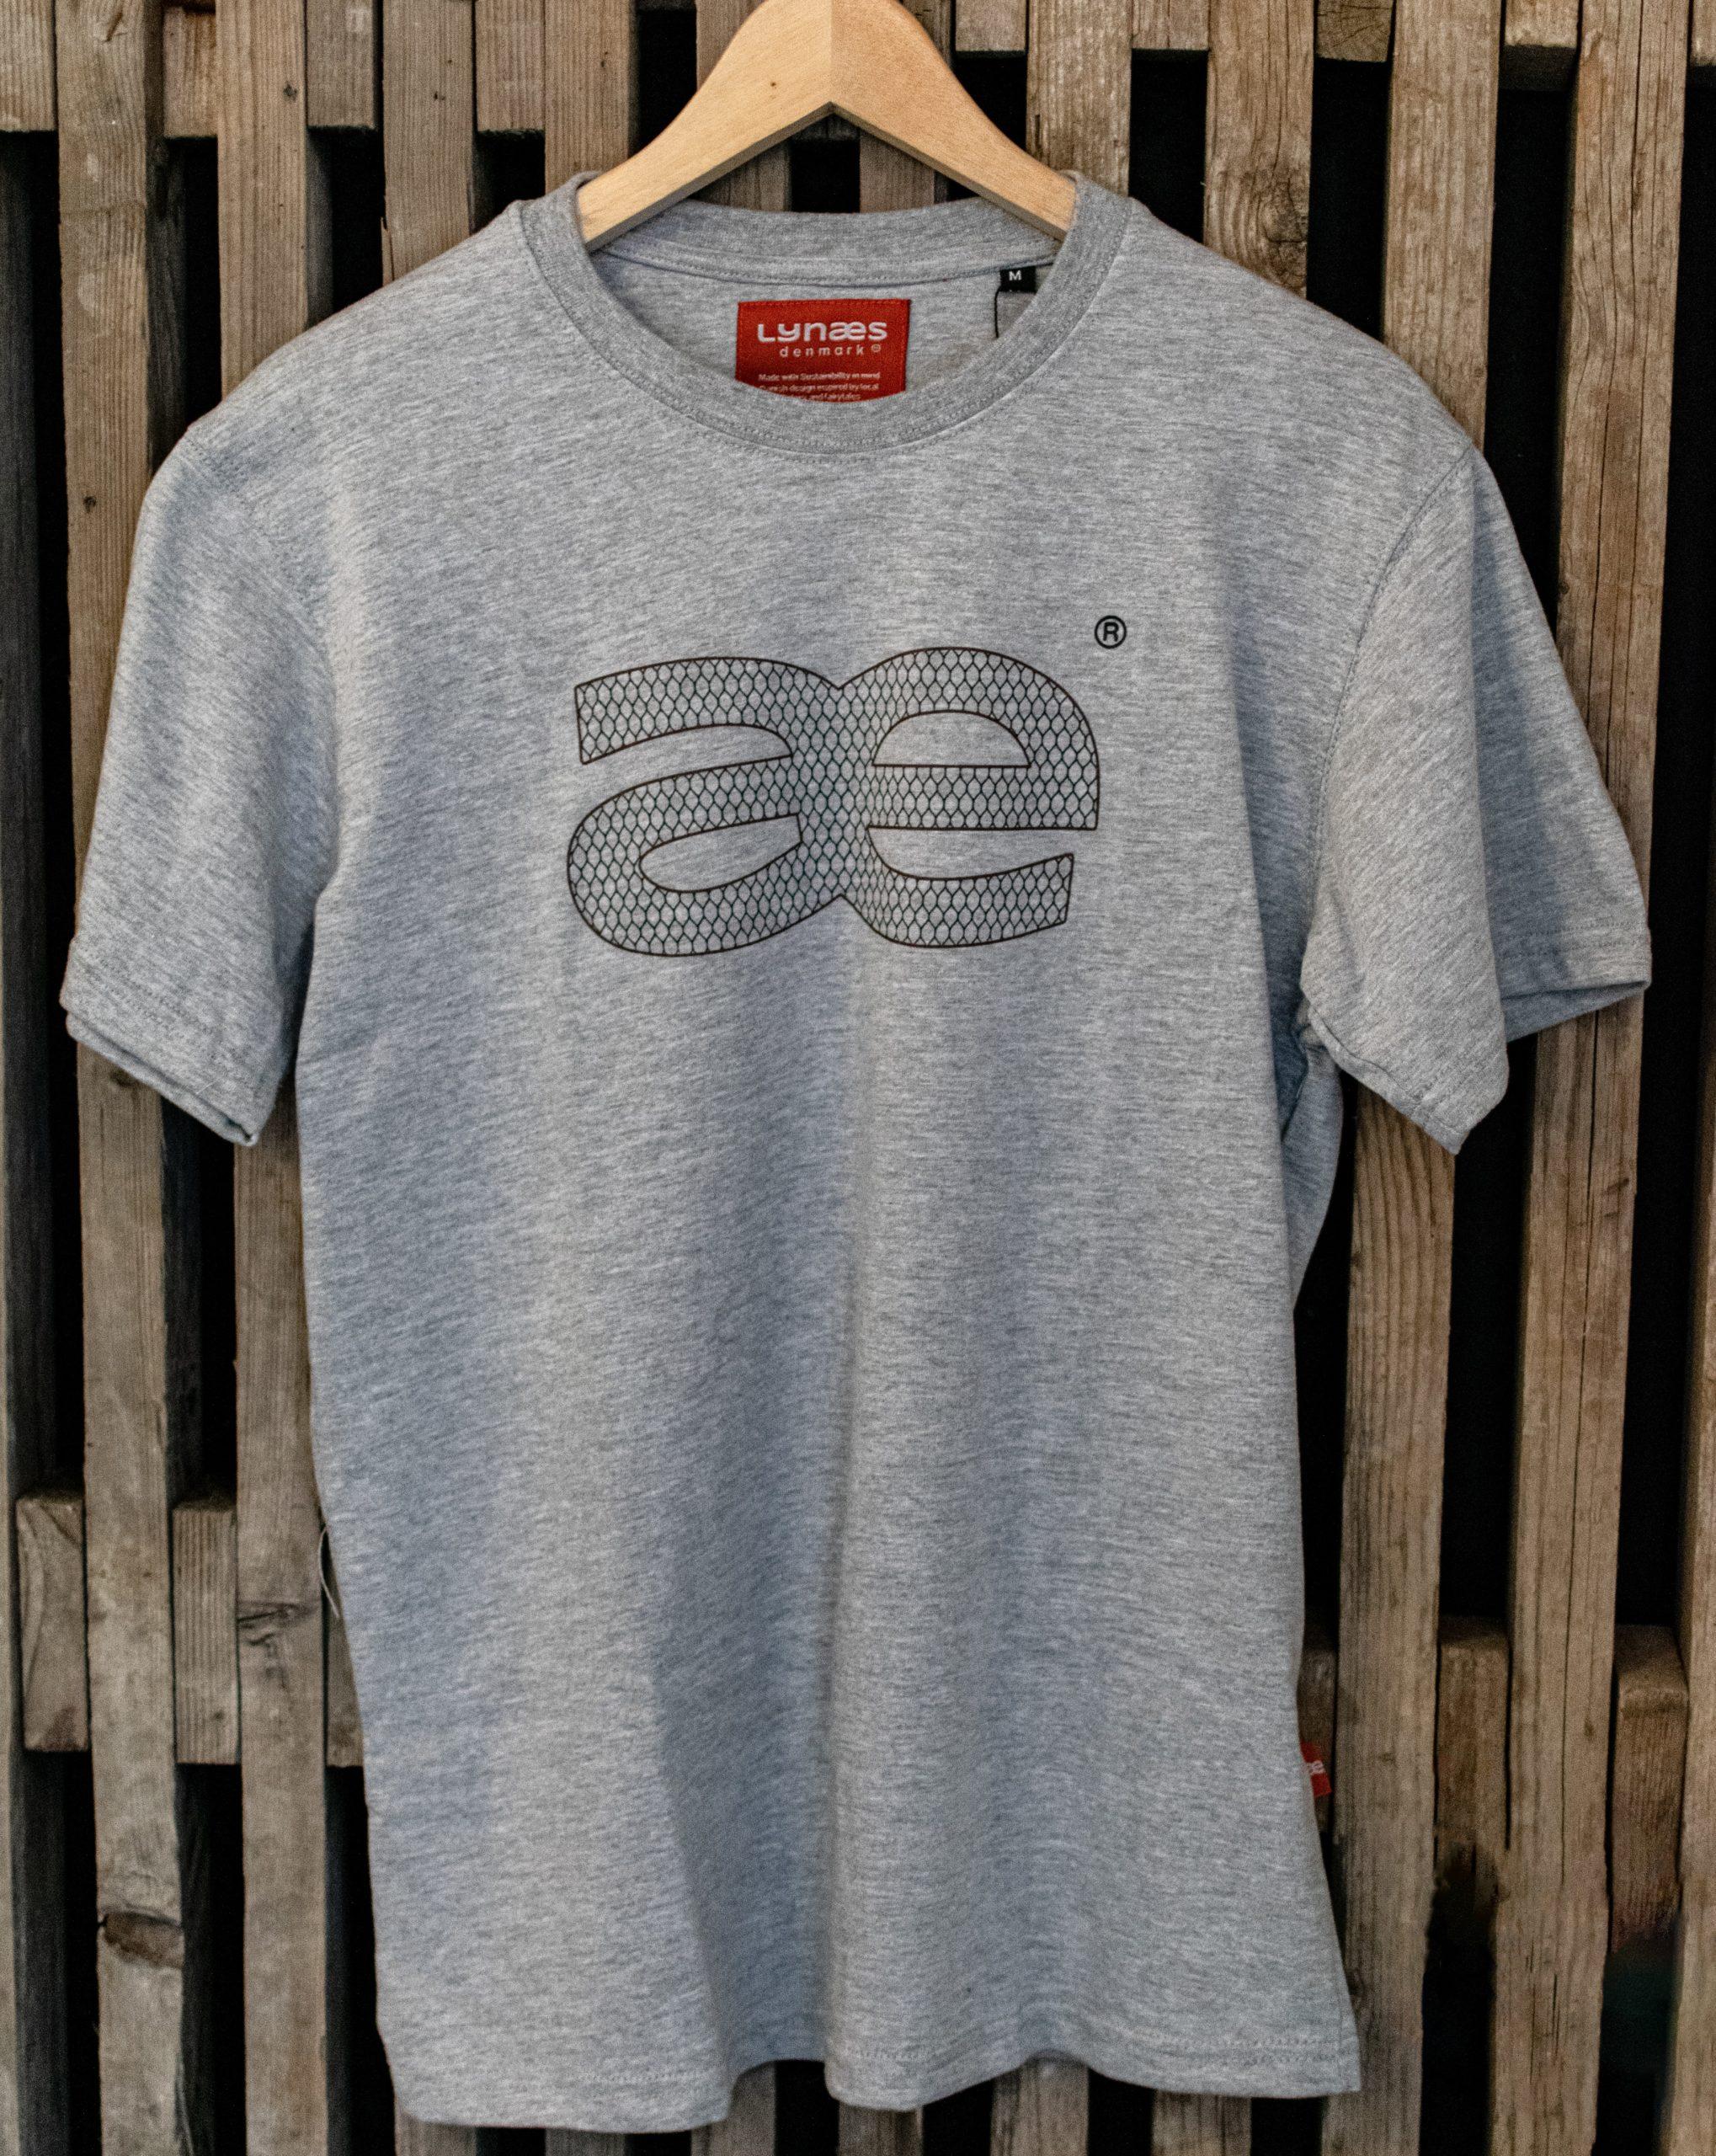 Bæredygtig tøjproduktion